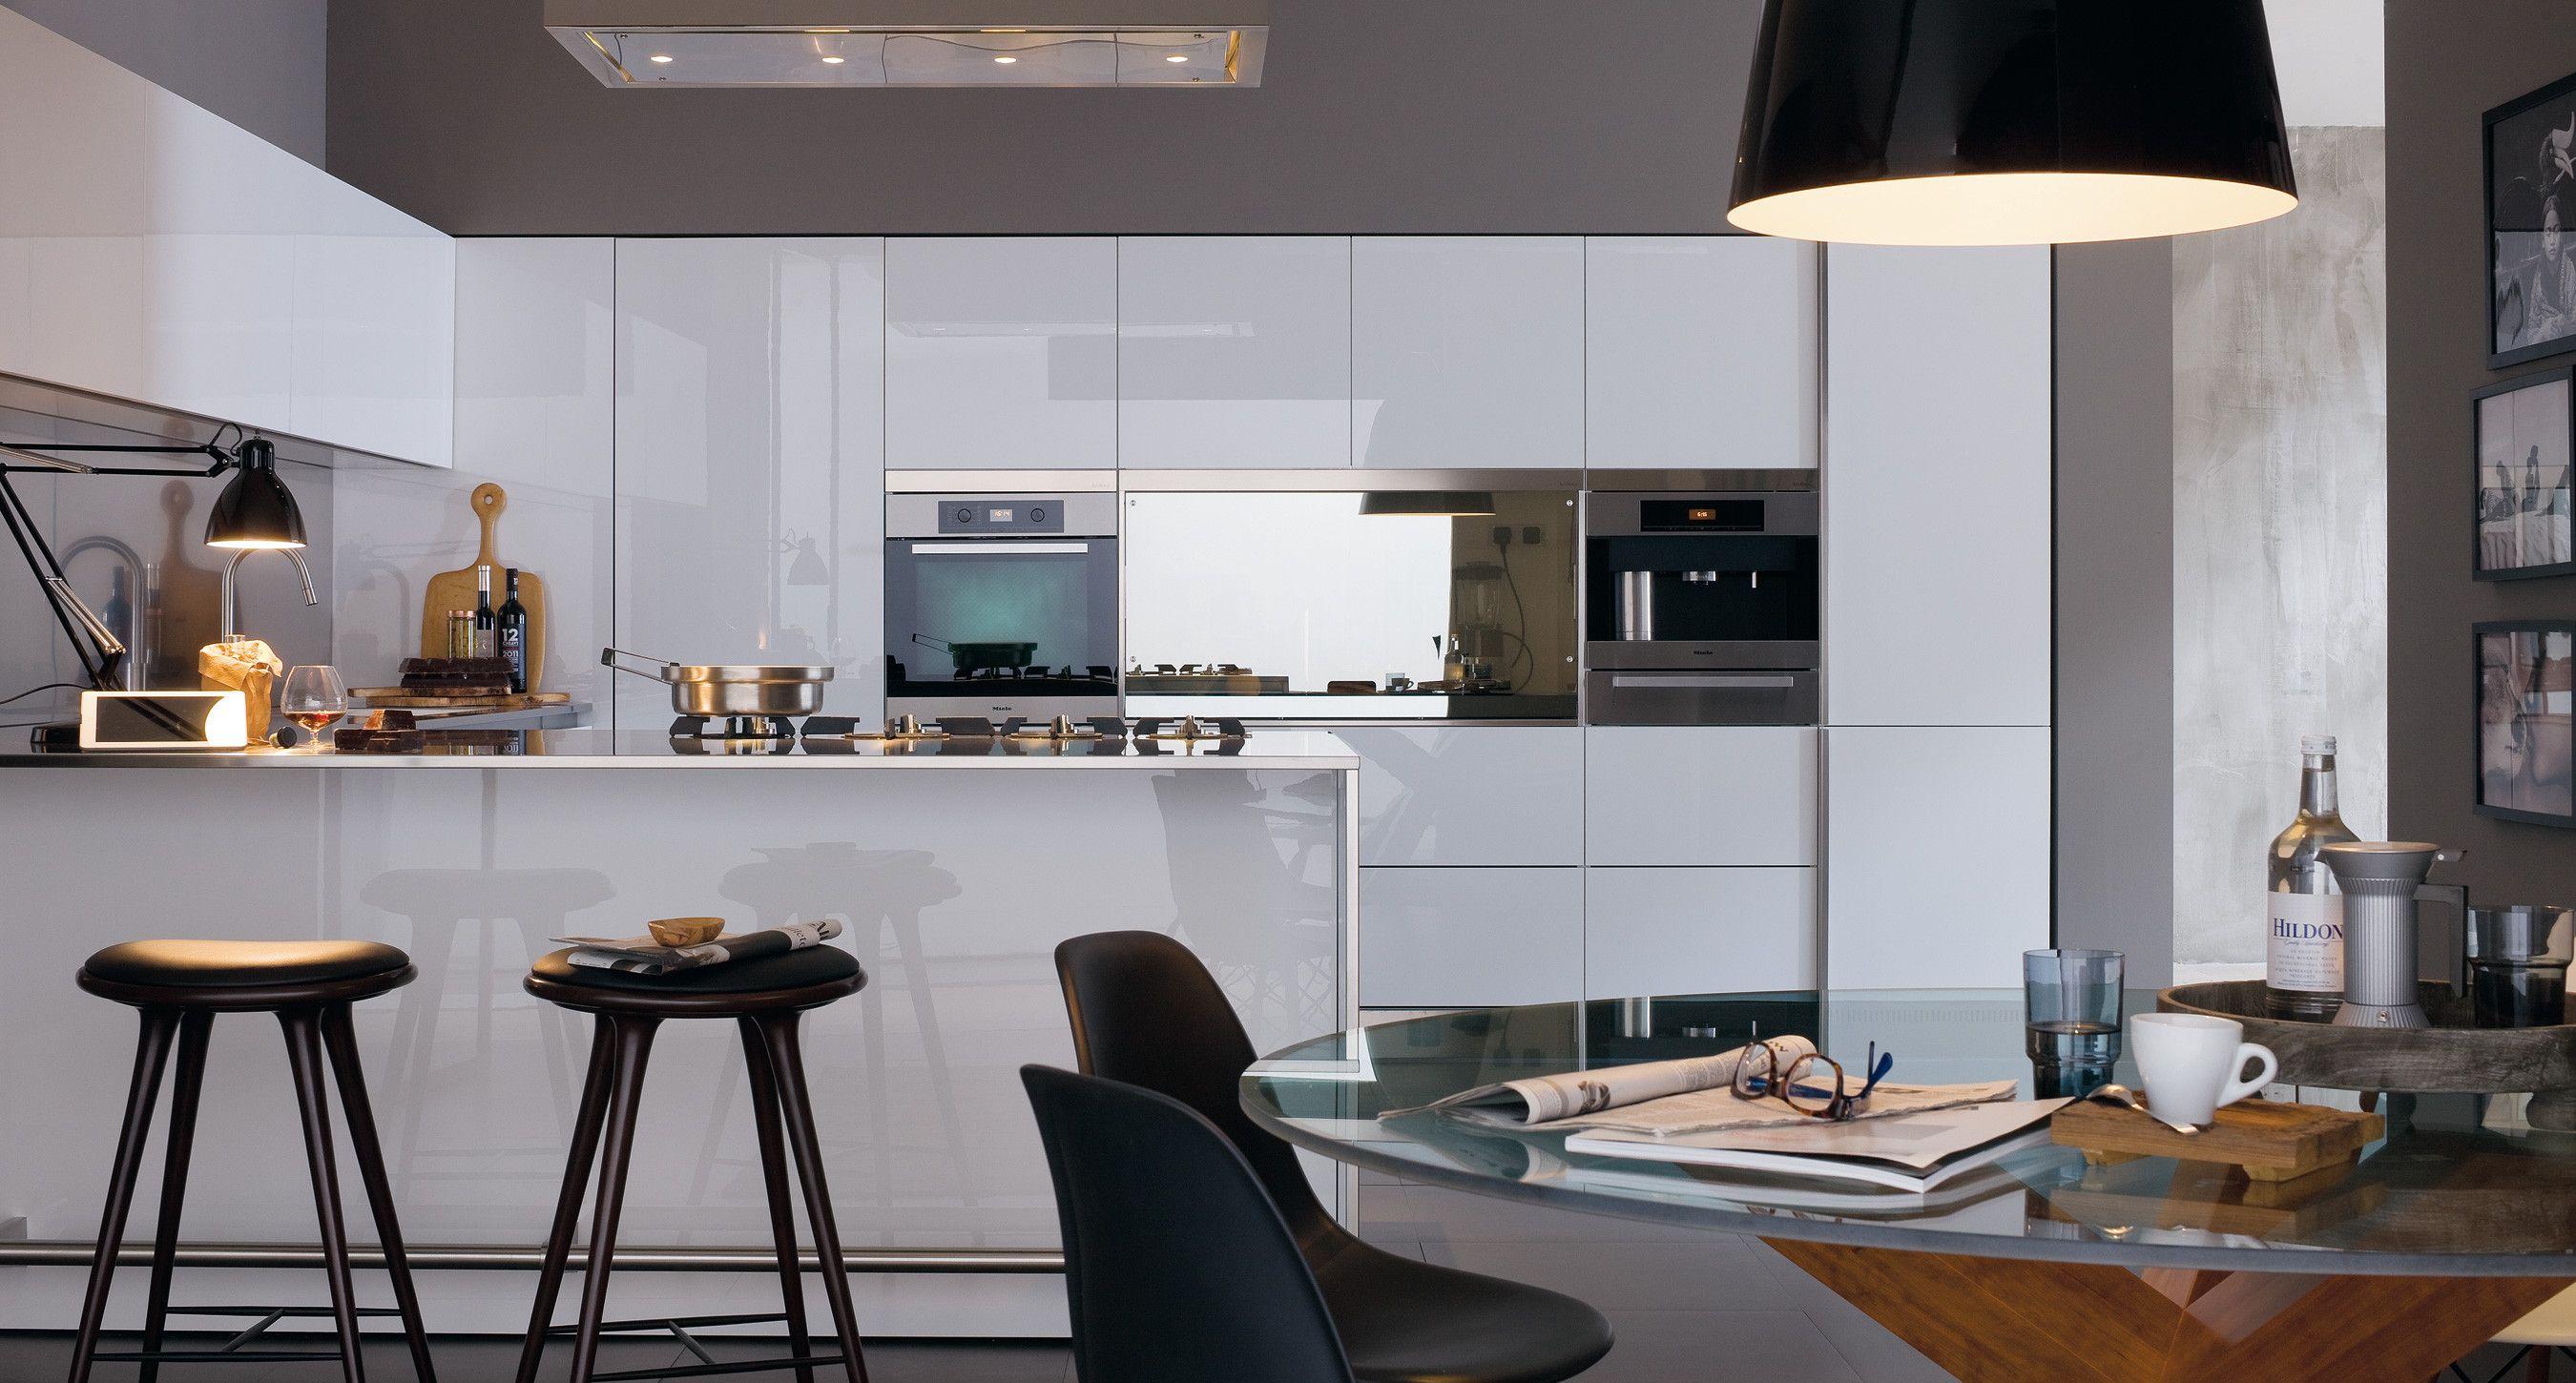 Arclinea Gamma Is Een Italiaanse Design Keuken Op Maat. Kom Voor Een  Volledig Advies Naar